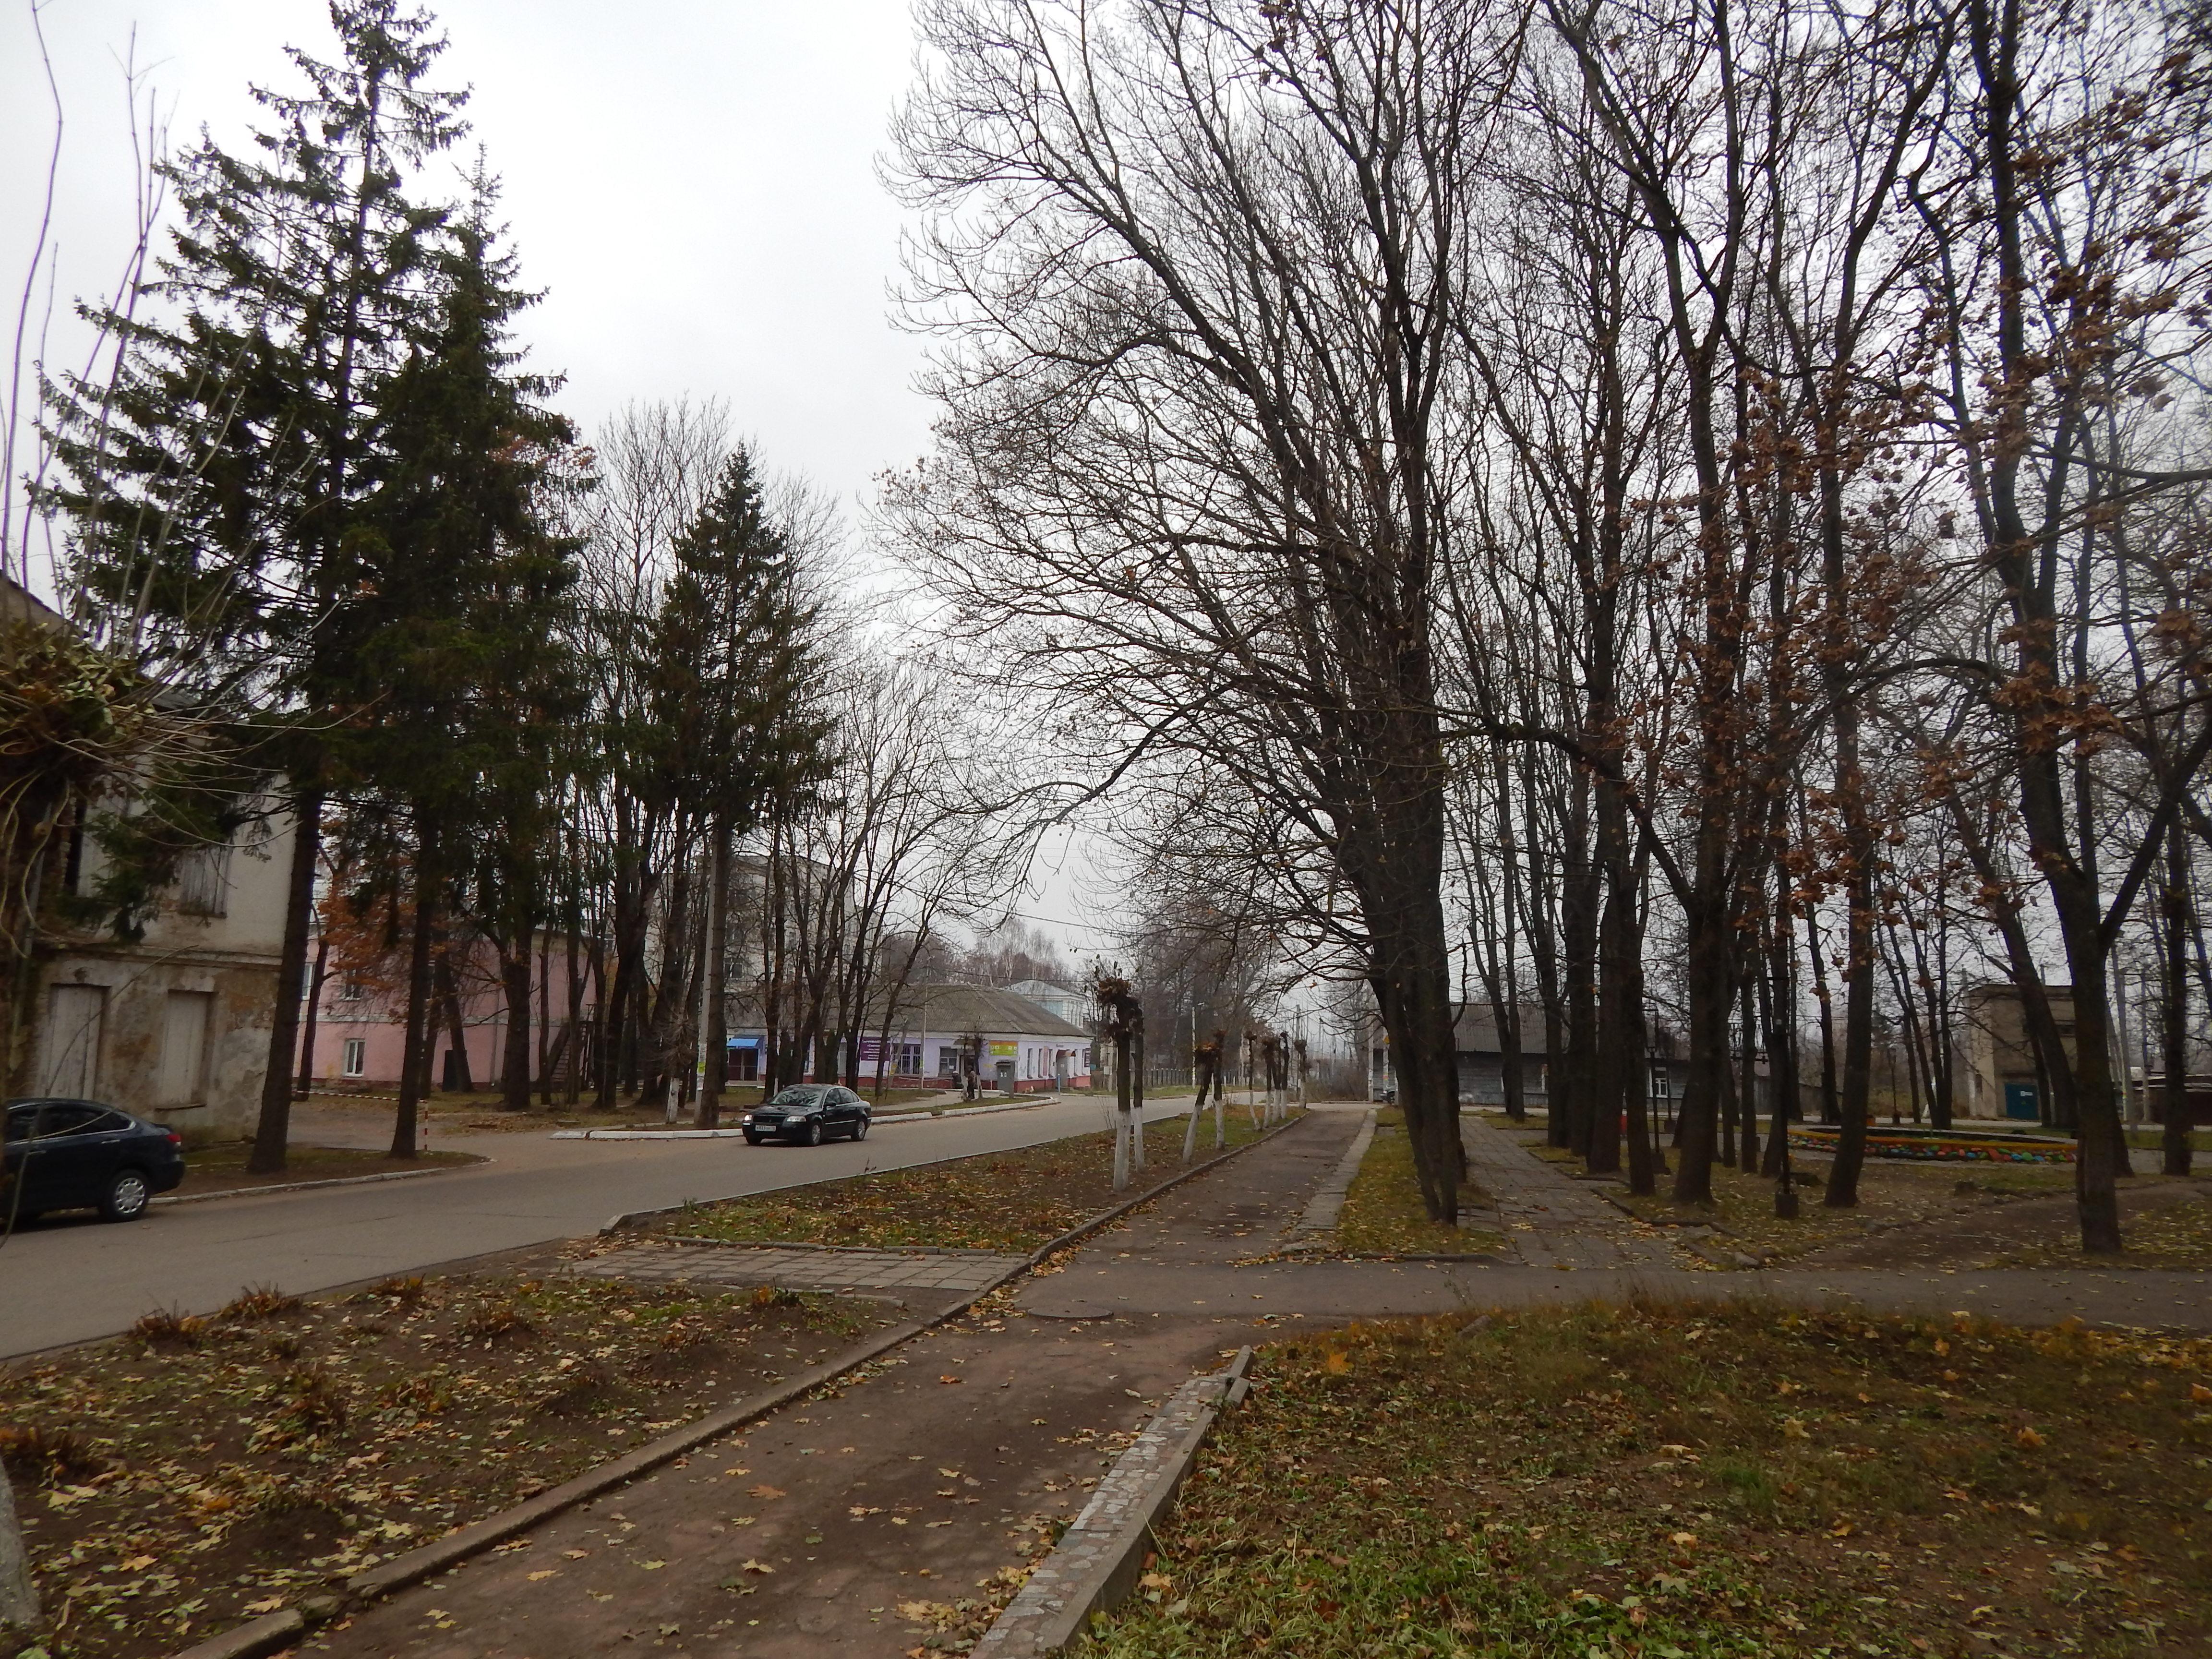 Памятное место, где в 1943 г. шли ожесточенные бои советских войск с немецко-фашистскими захватчиками при освобождении города и района